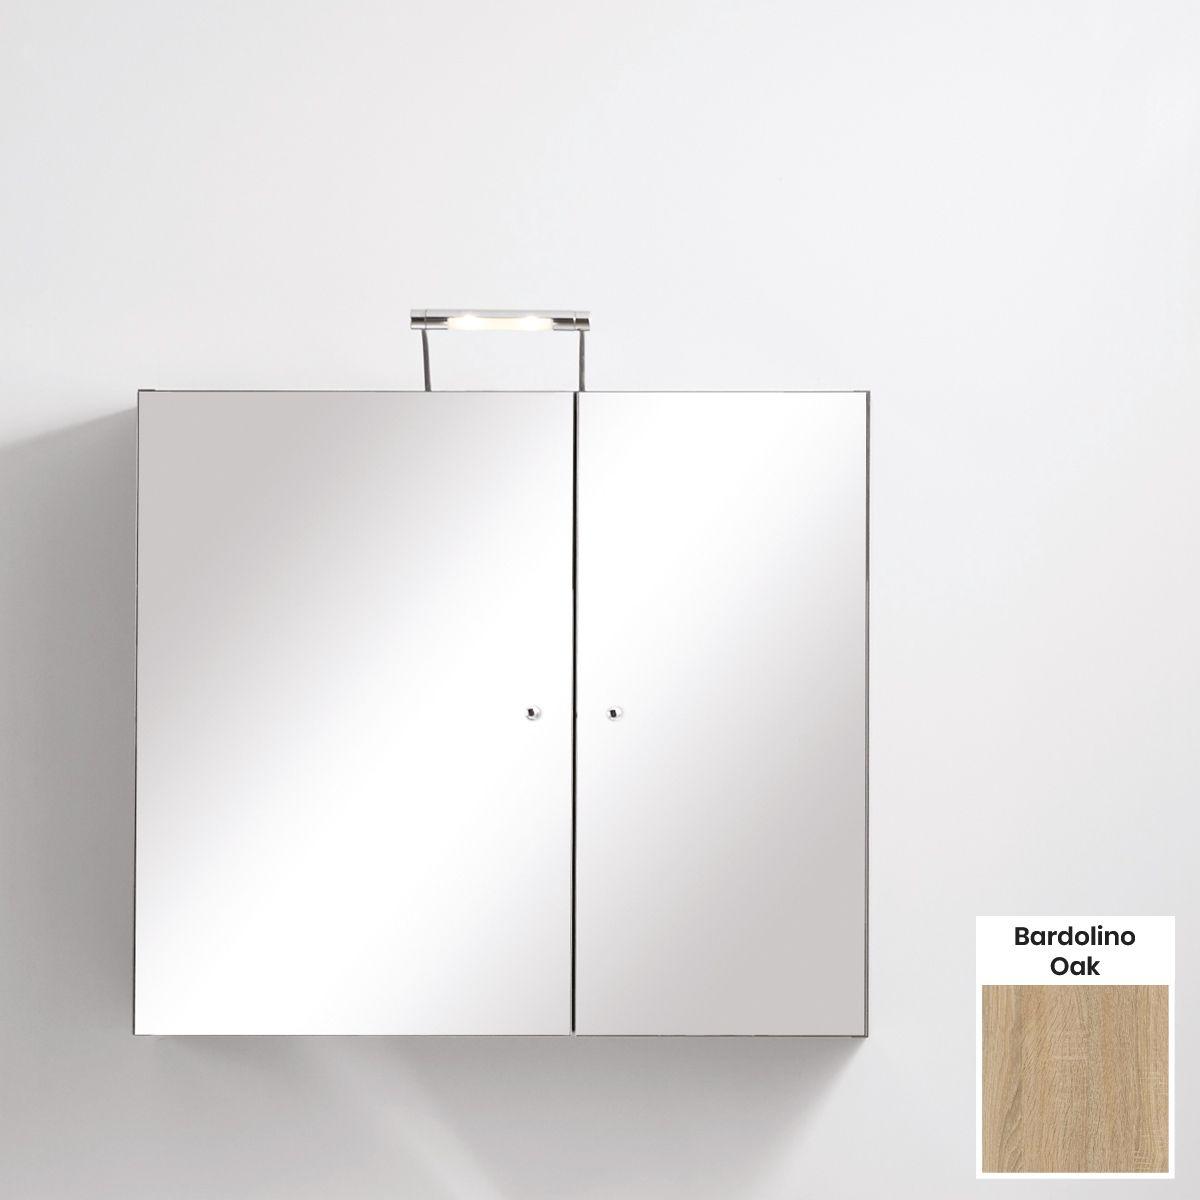 Elation Eko Bardolino Oak Mirror Wall Unit 750mm